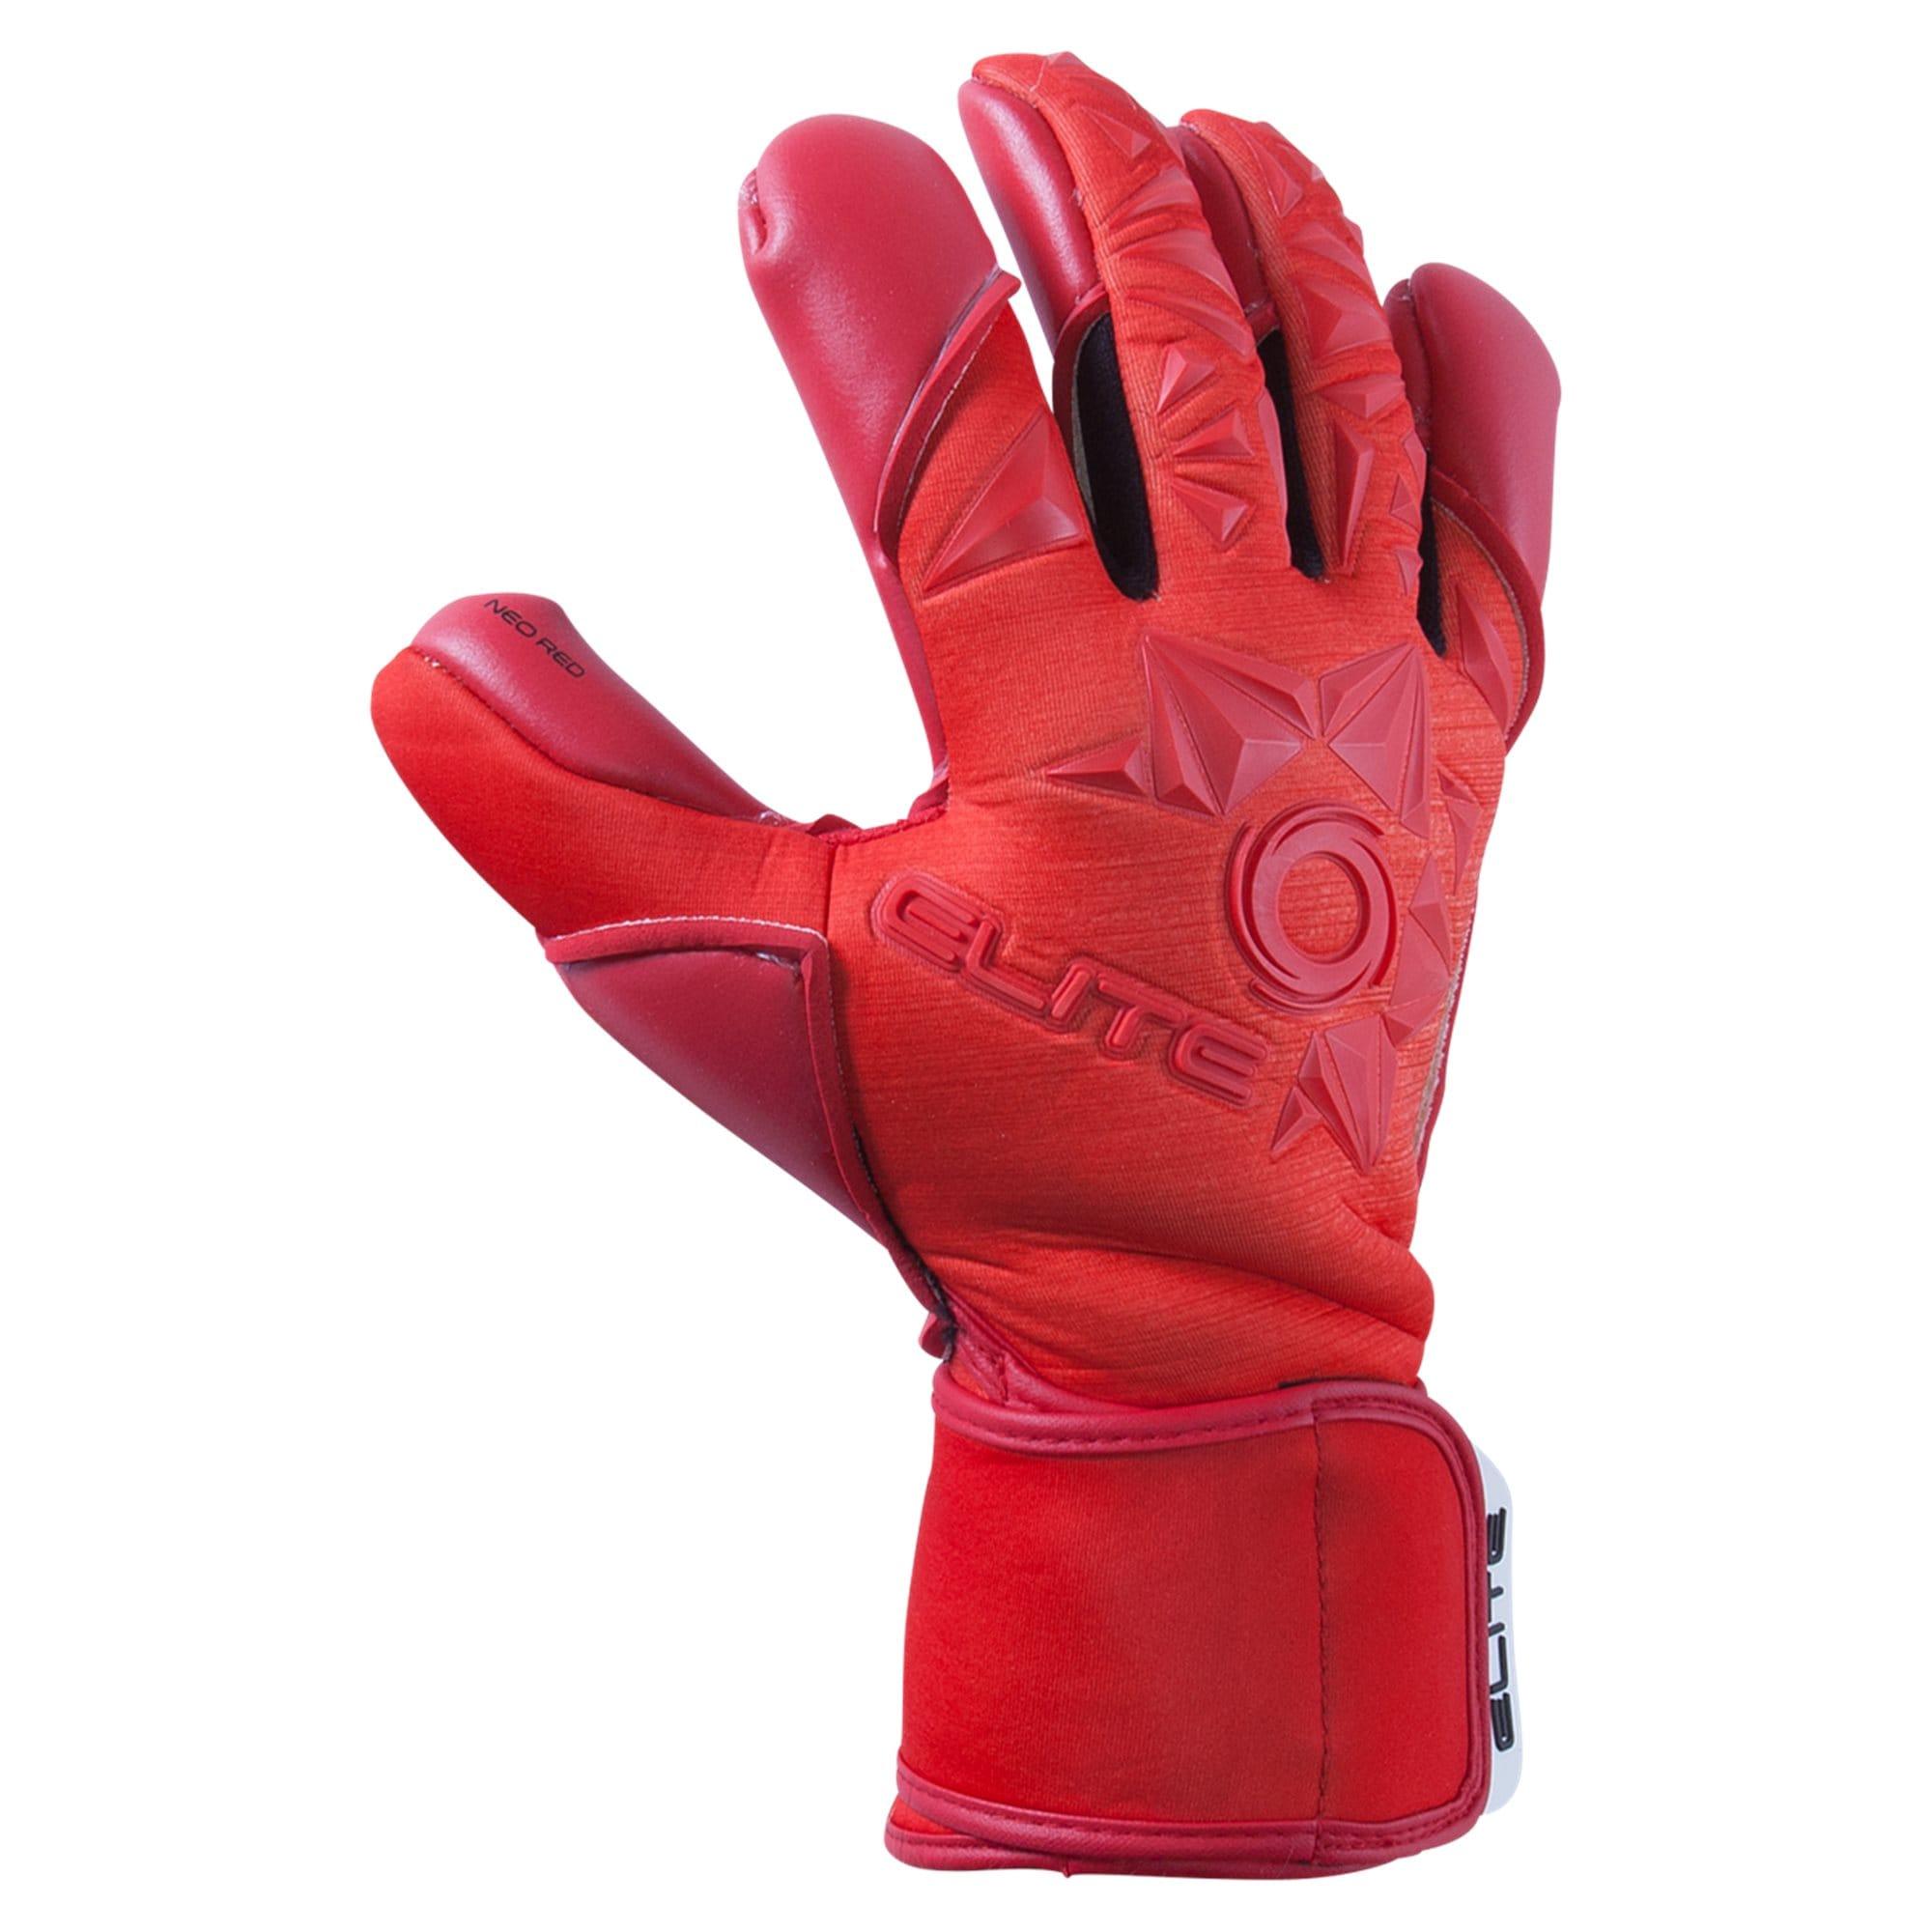 elite-neo-red